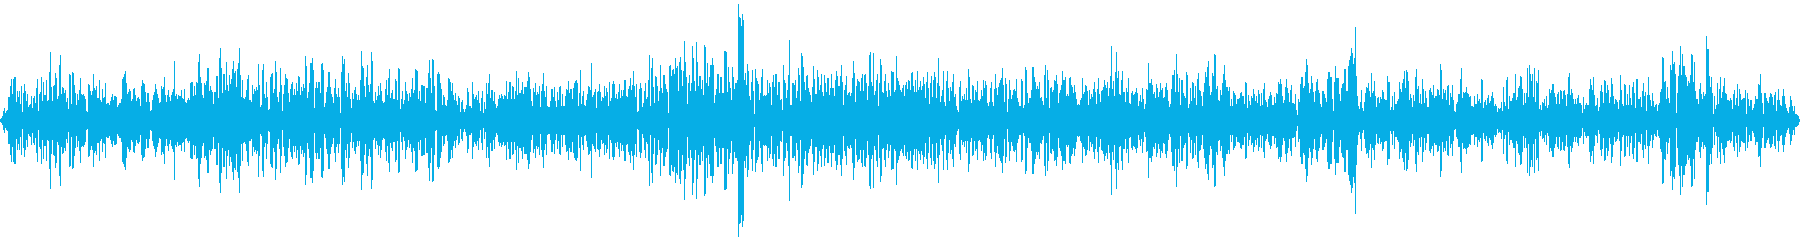 走行中の車の中(普通の道路)の再生済みの波形